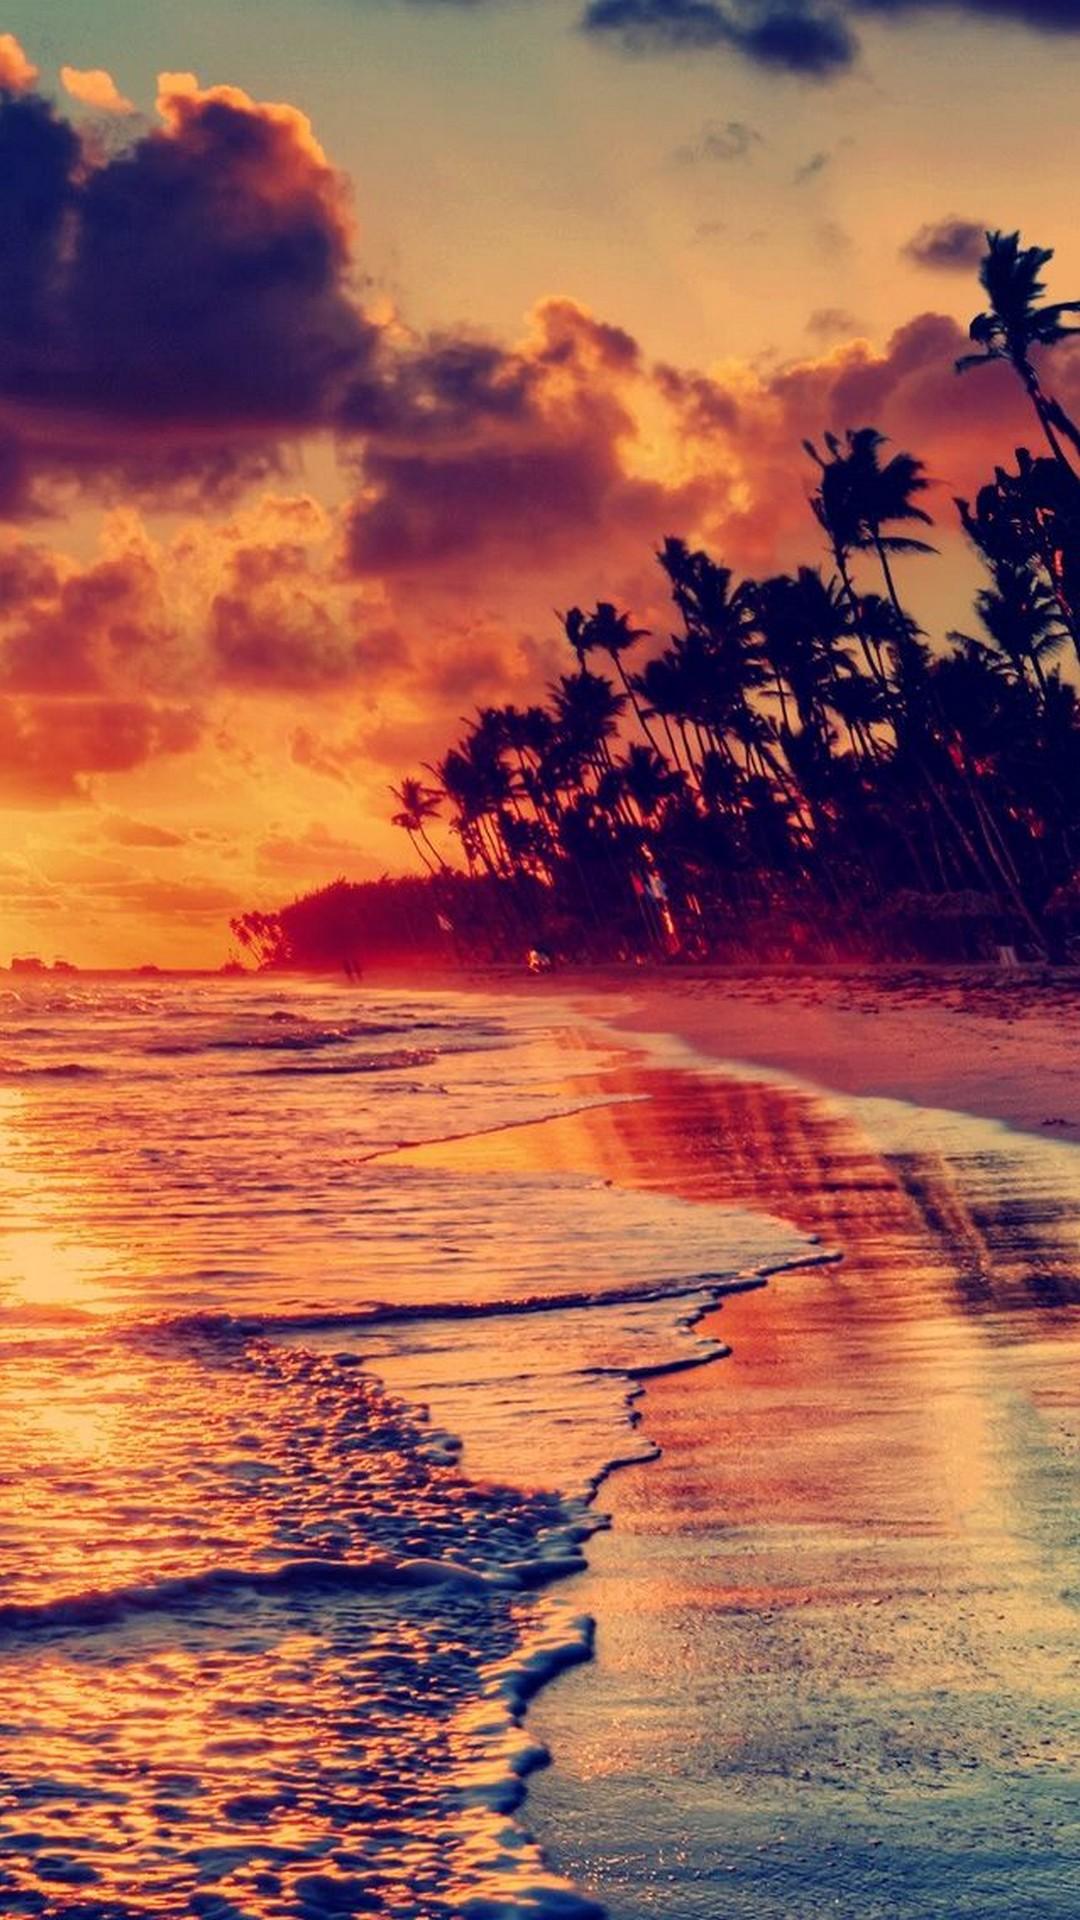 Sunset Beach Iphone 5s Wallpaper Download - Beach Wallpaper Hd Iphone 6 , HD Wallpaper & Backgrounds